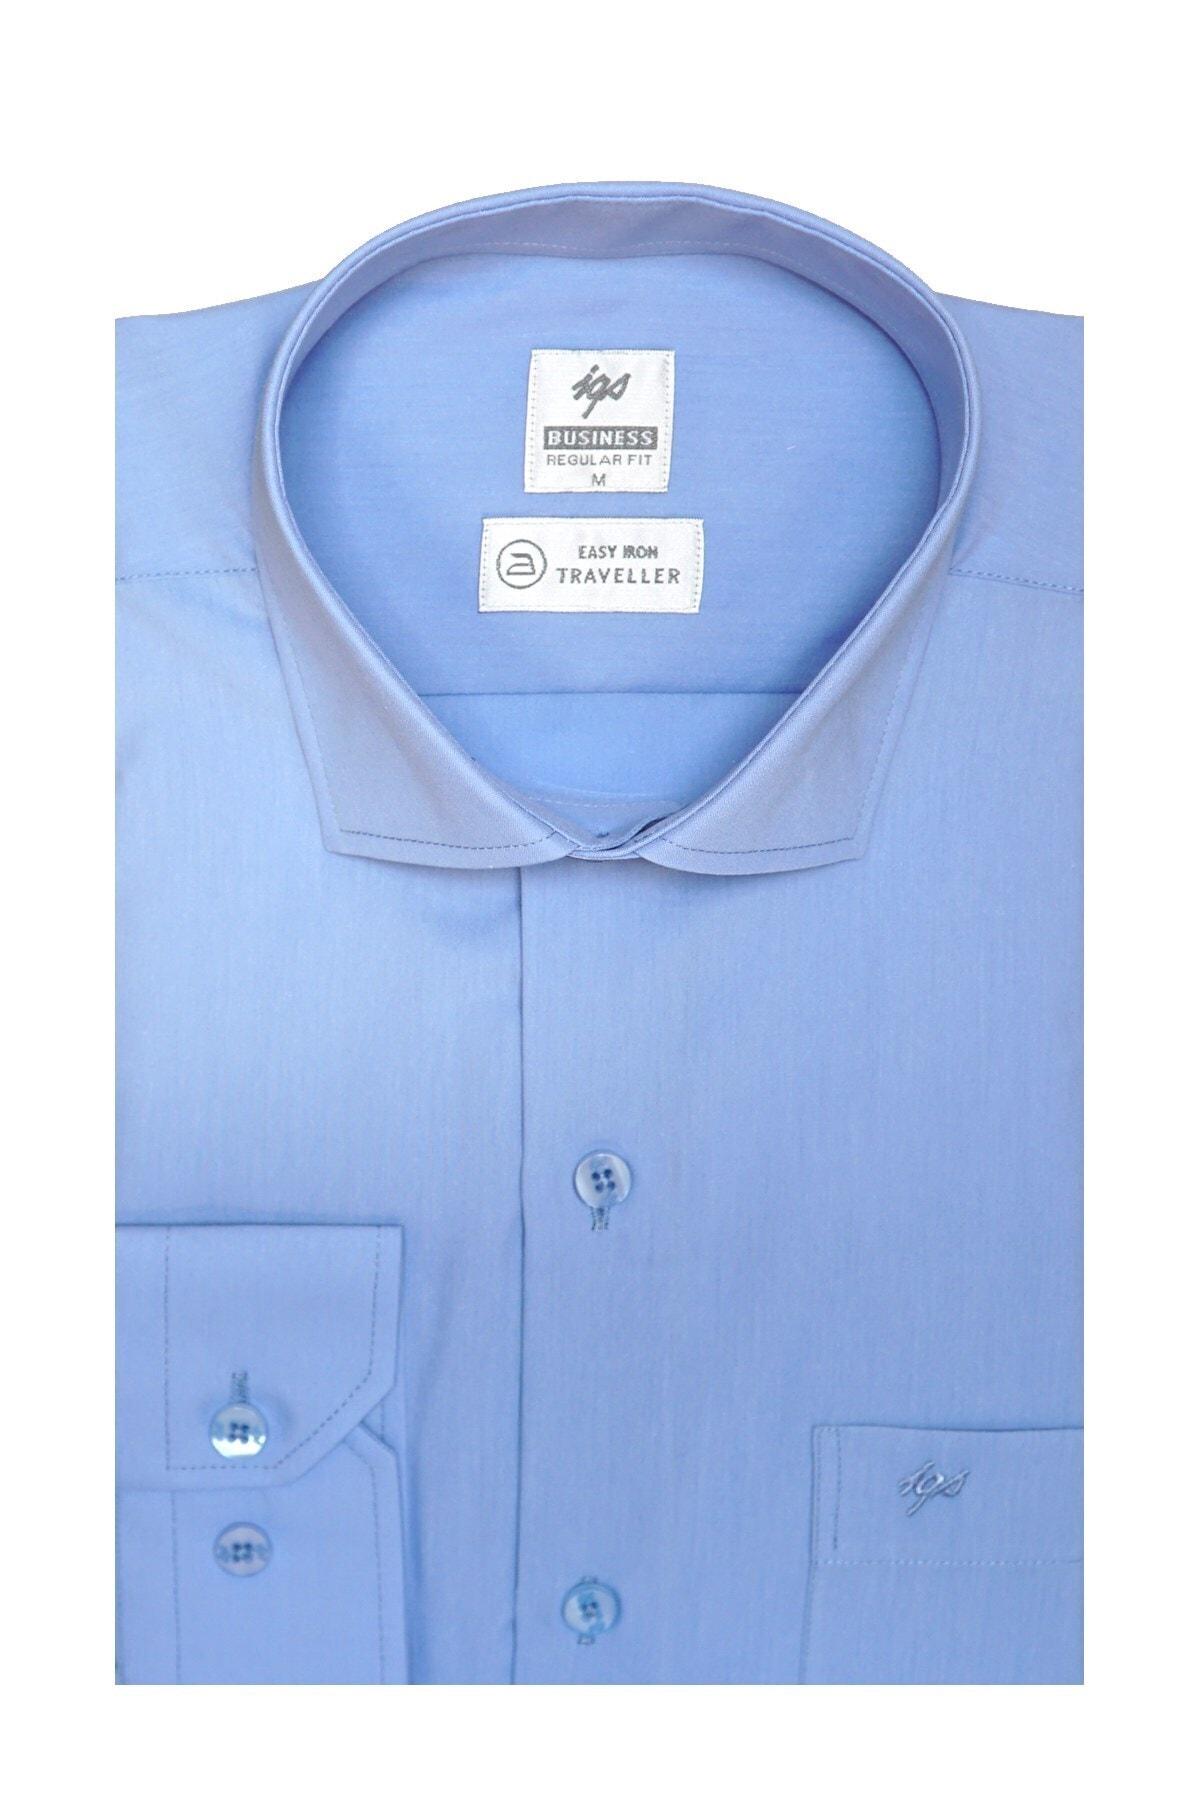 İgs Erkek A.mavi Regularfıt / Rahat Kalıp 7 Cm Klasik Gömlek 1